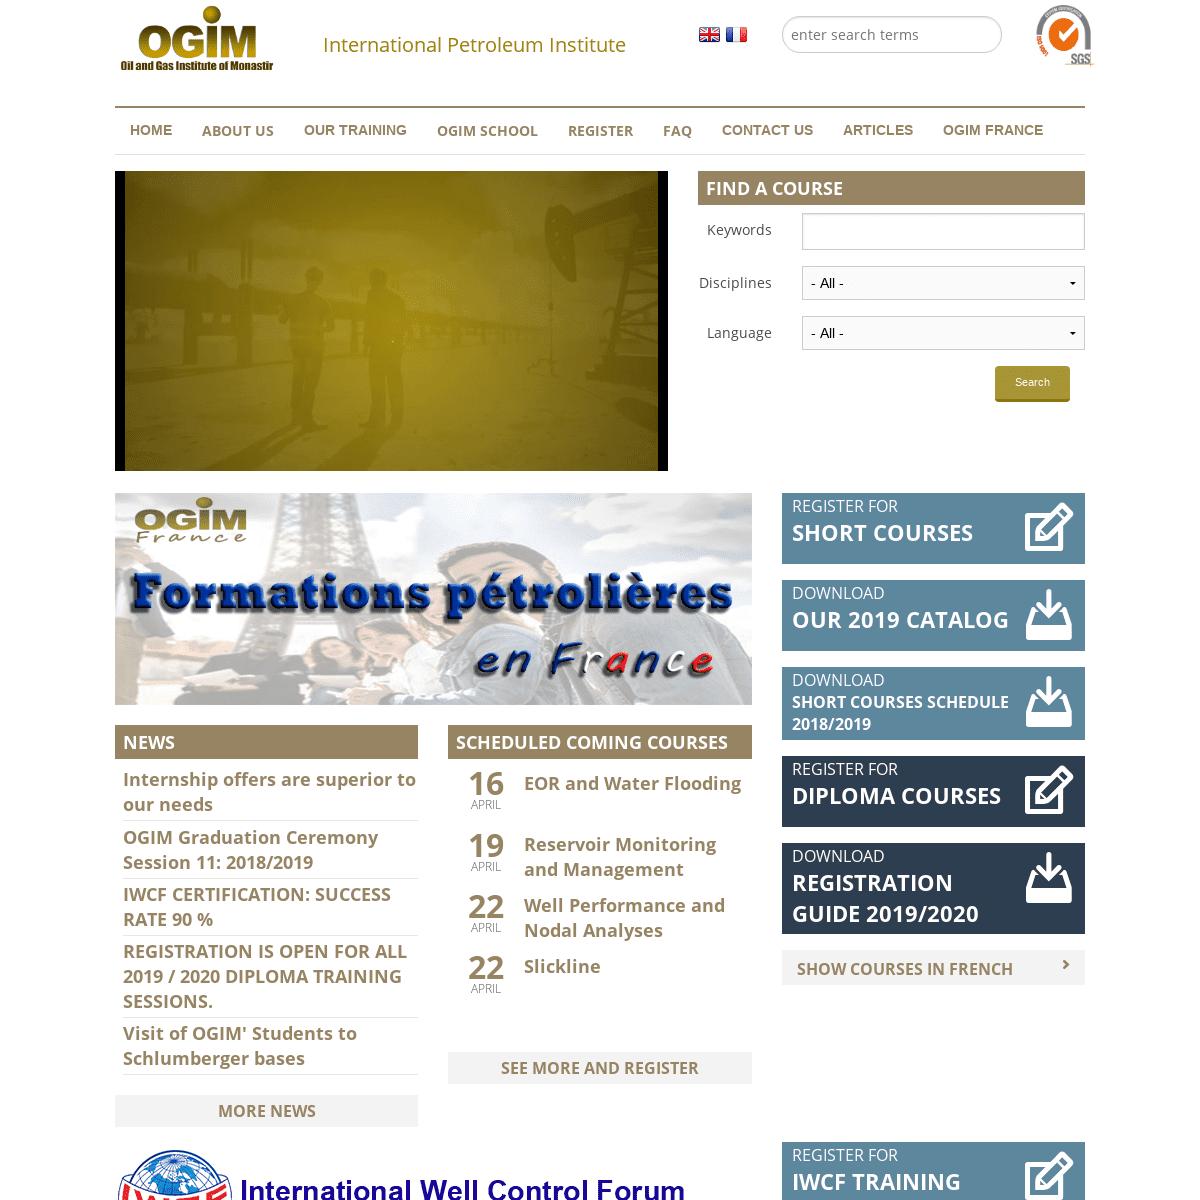 OGIM - Oil and Gas Institute of Monastir - International Petroleum Institute